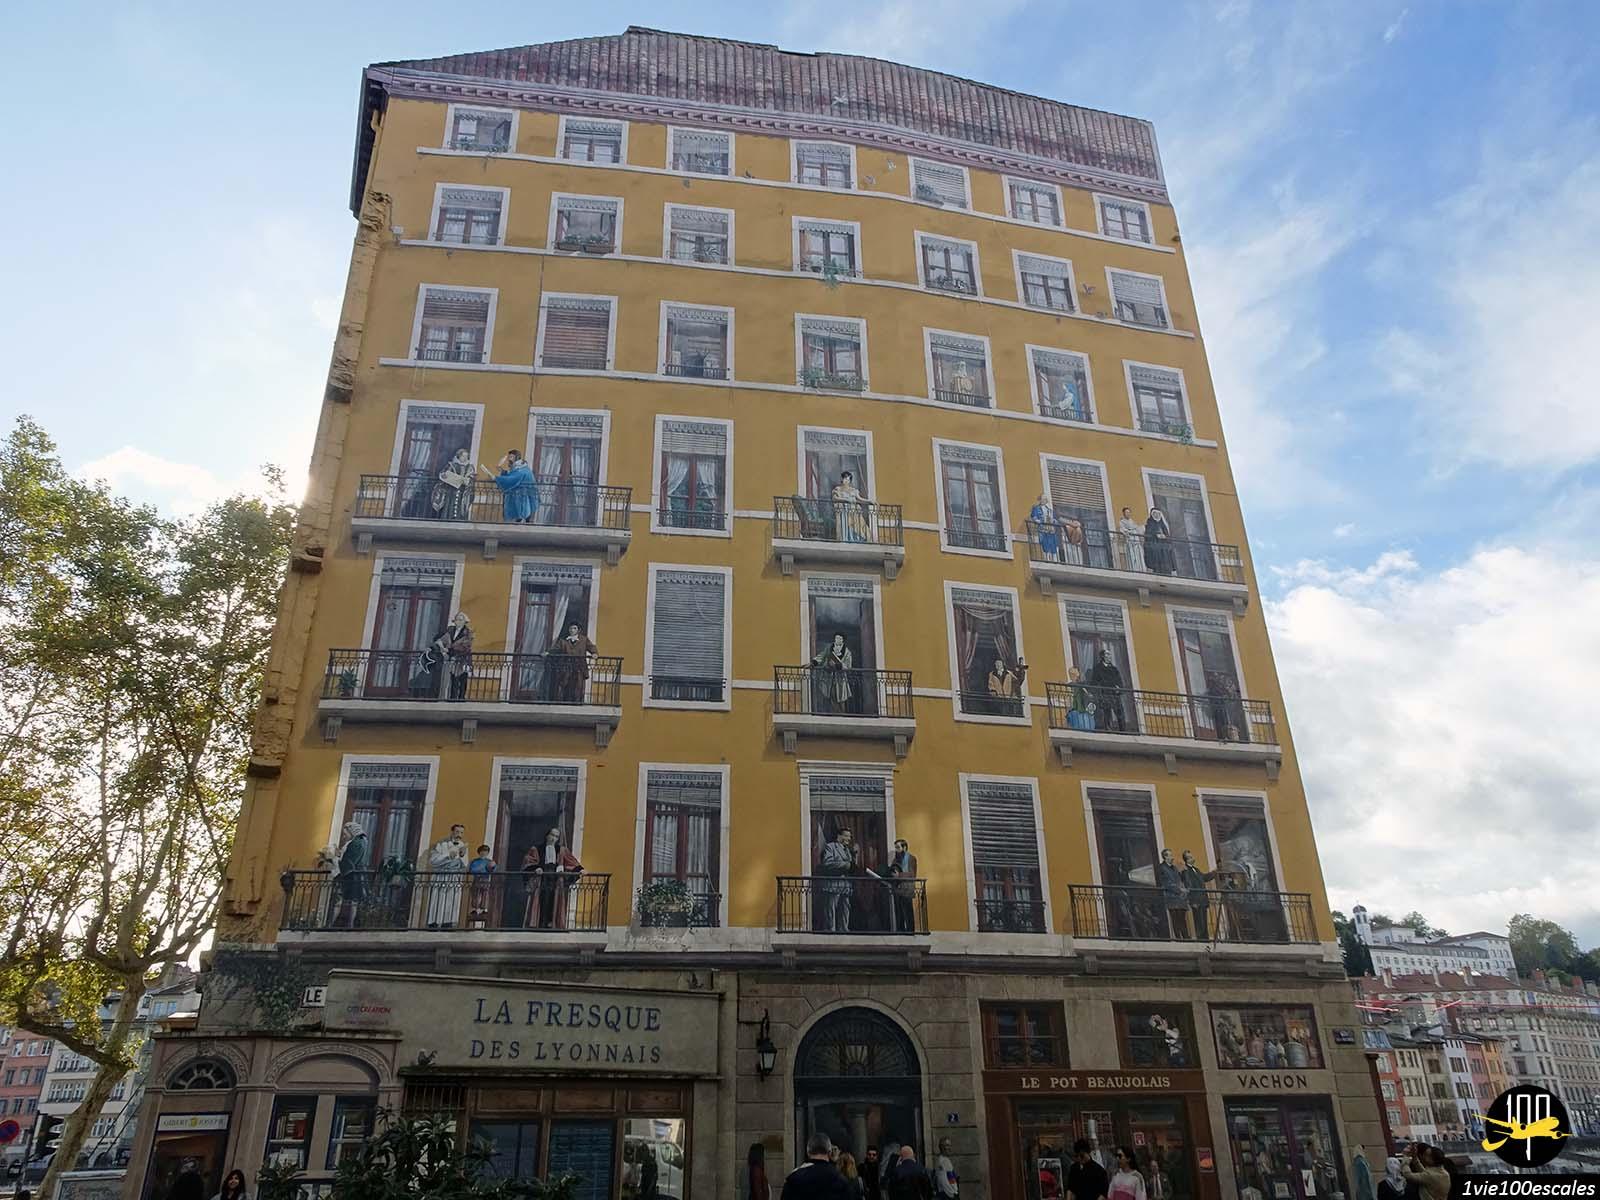 La peinture murale La Fresque des Lyonnais représentant les personnes importantes de la ville